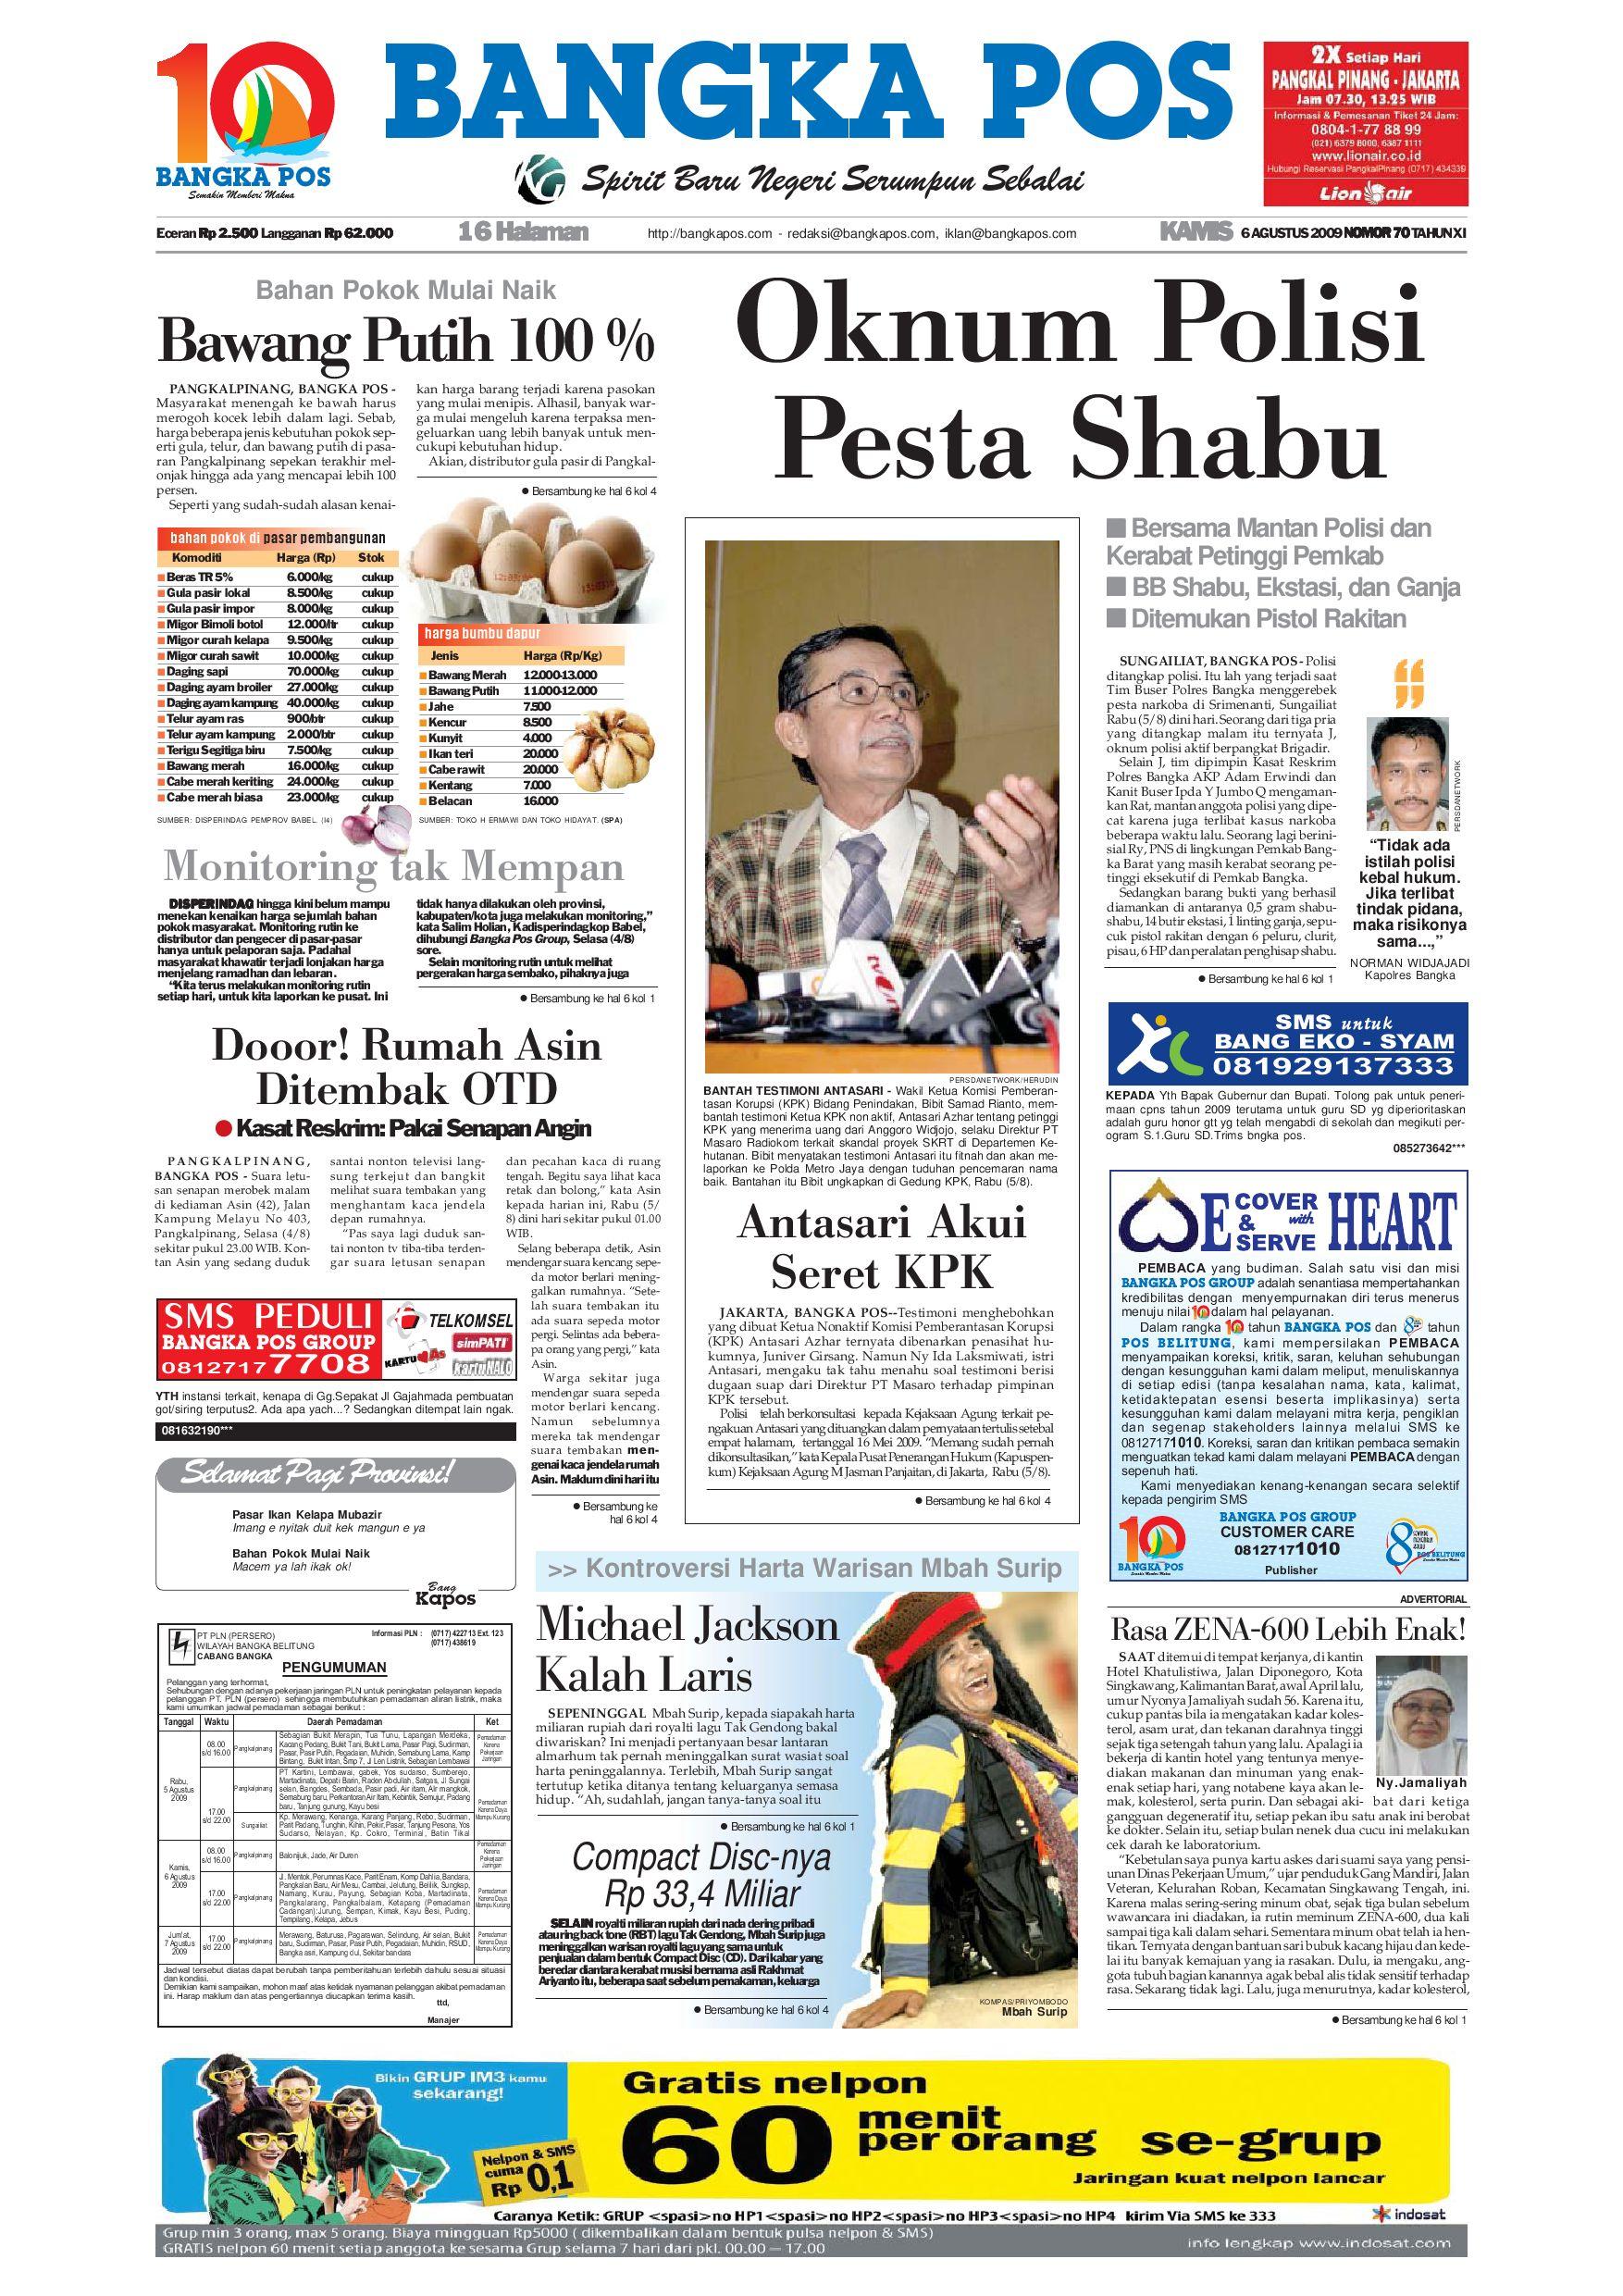 Harian Pagi Bangka Pos Edisi 06 Agustus 2009 By Issuu Masker Organik 30 Varian Kiloan Cocok Untuk Di Kembali Pakai Merk Sendiri